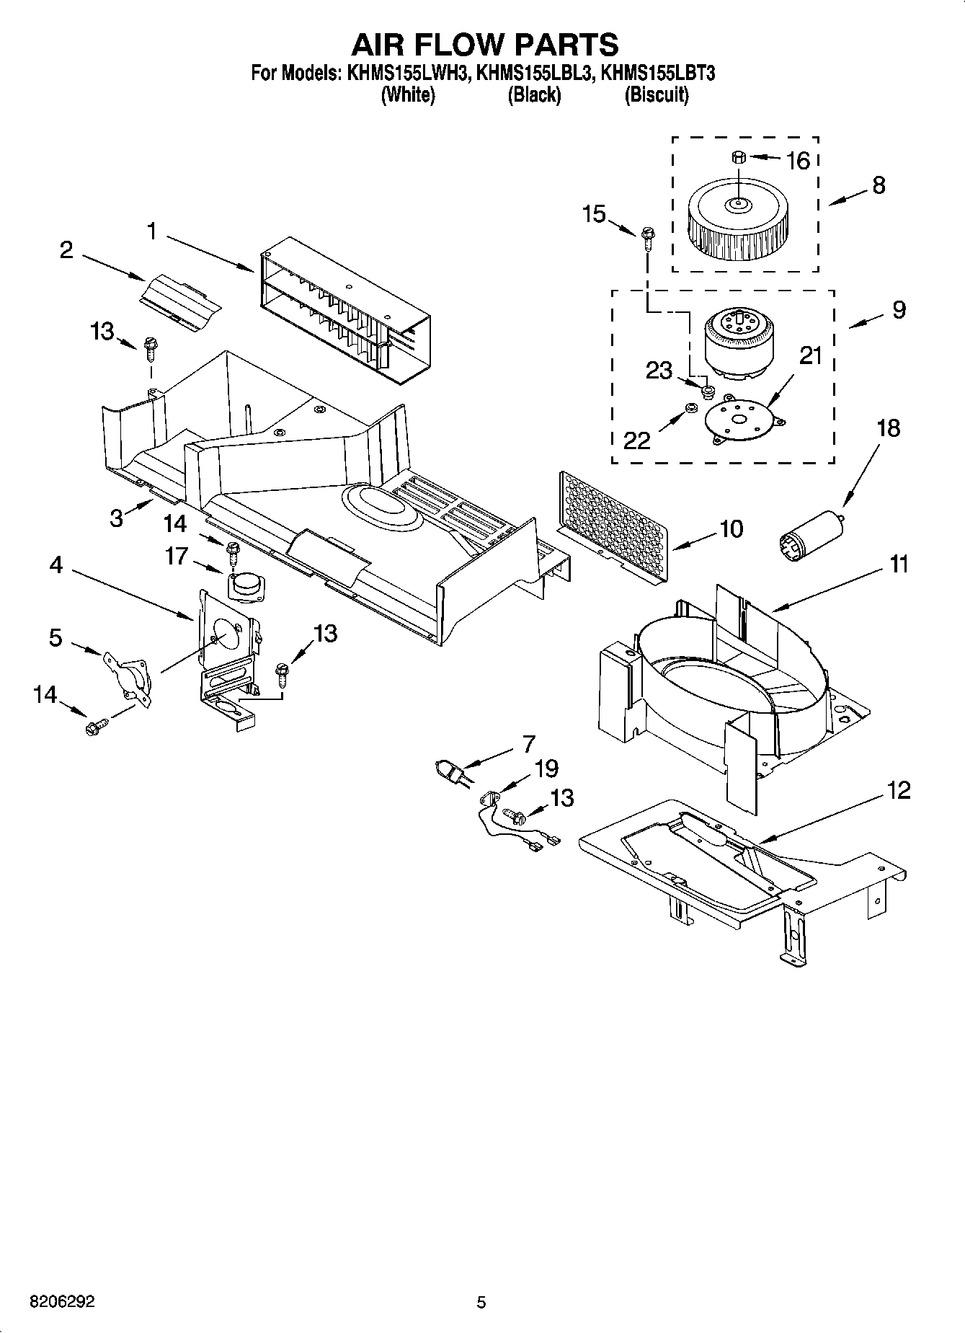 Diagram for KHMS155LBT3